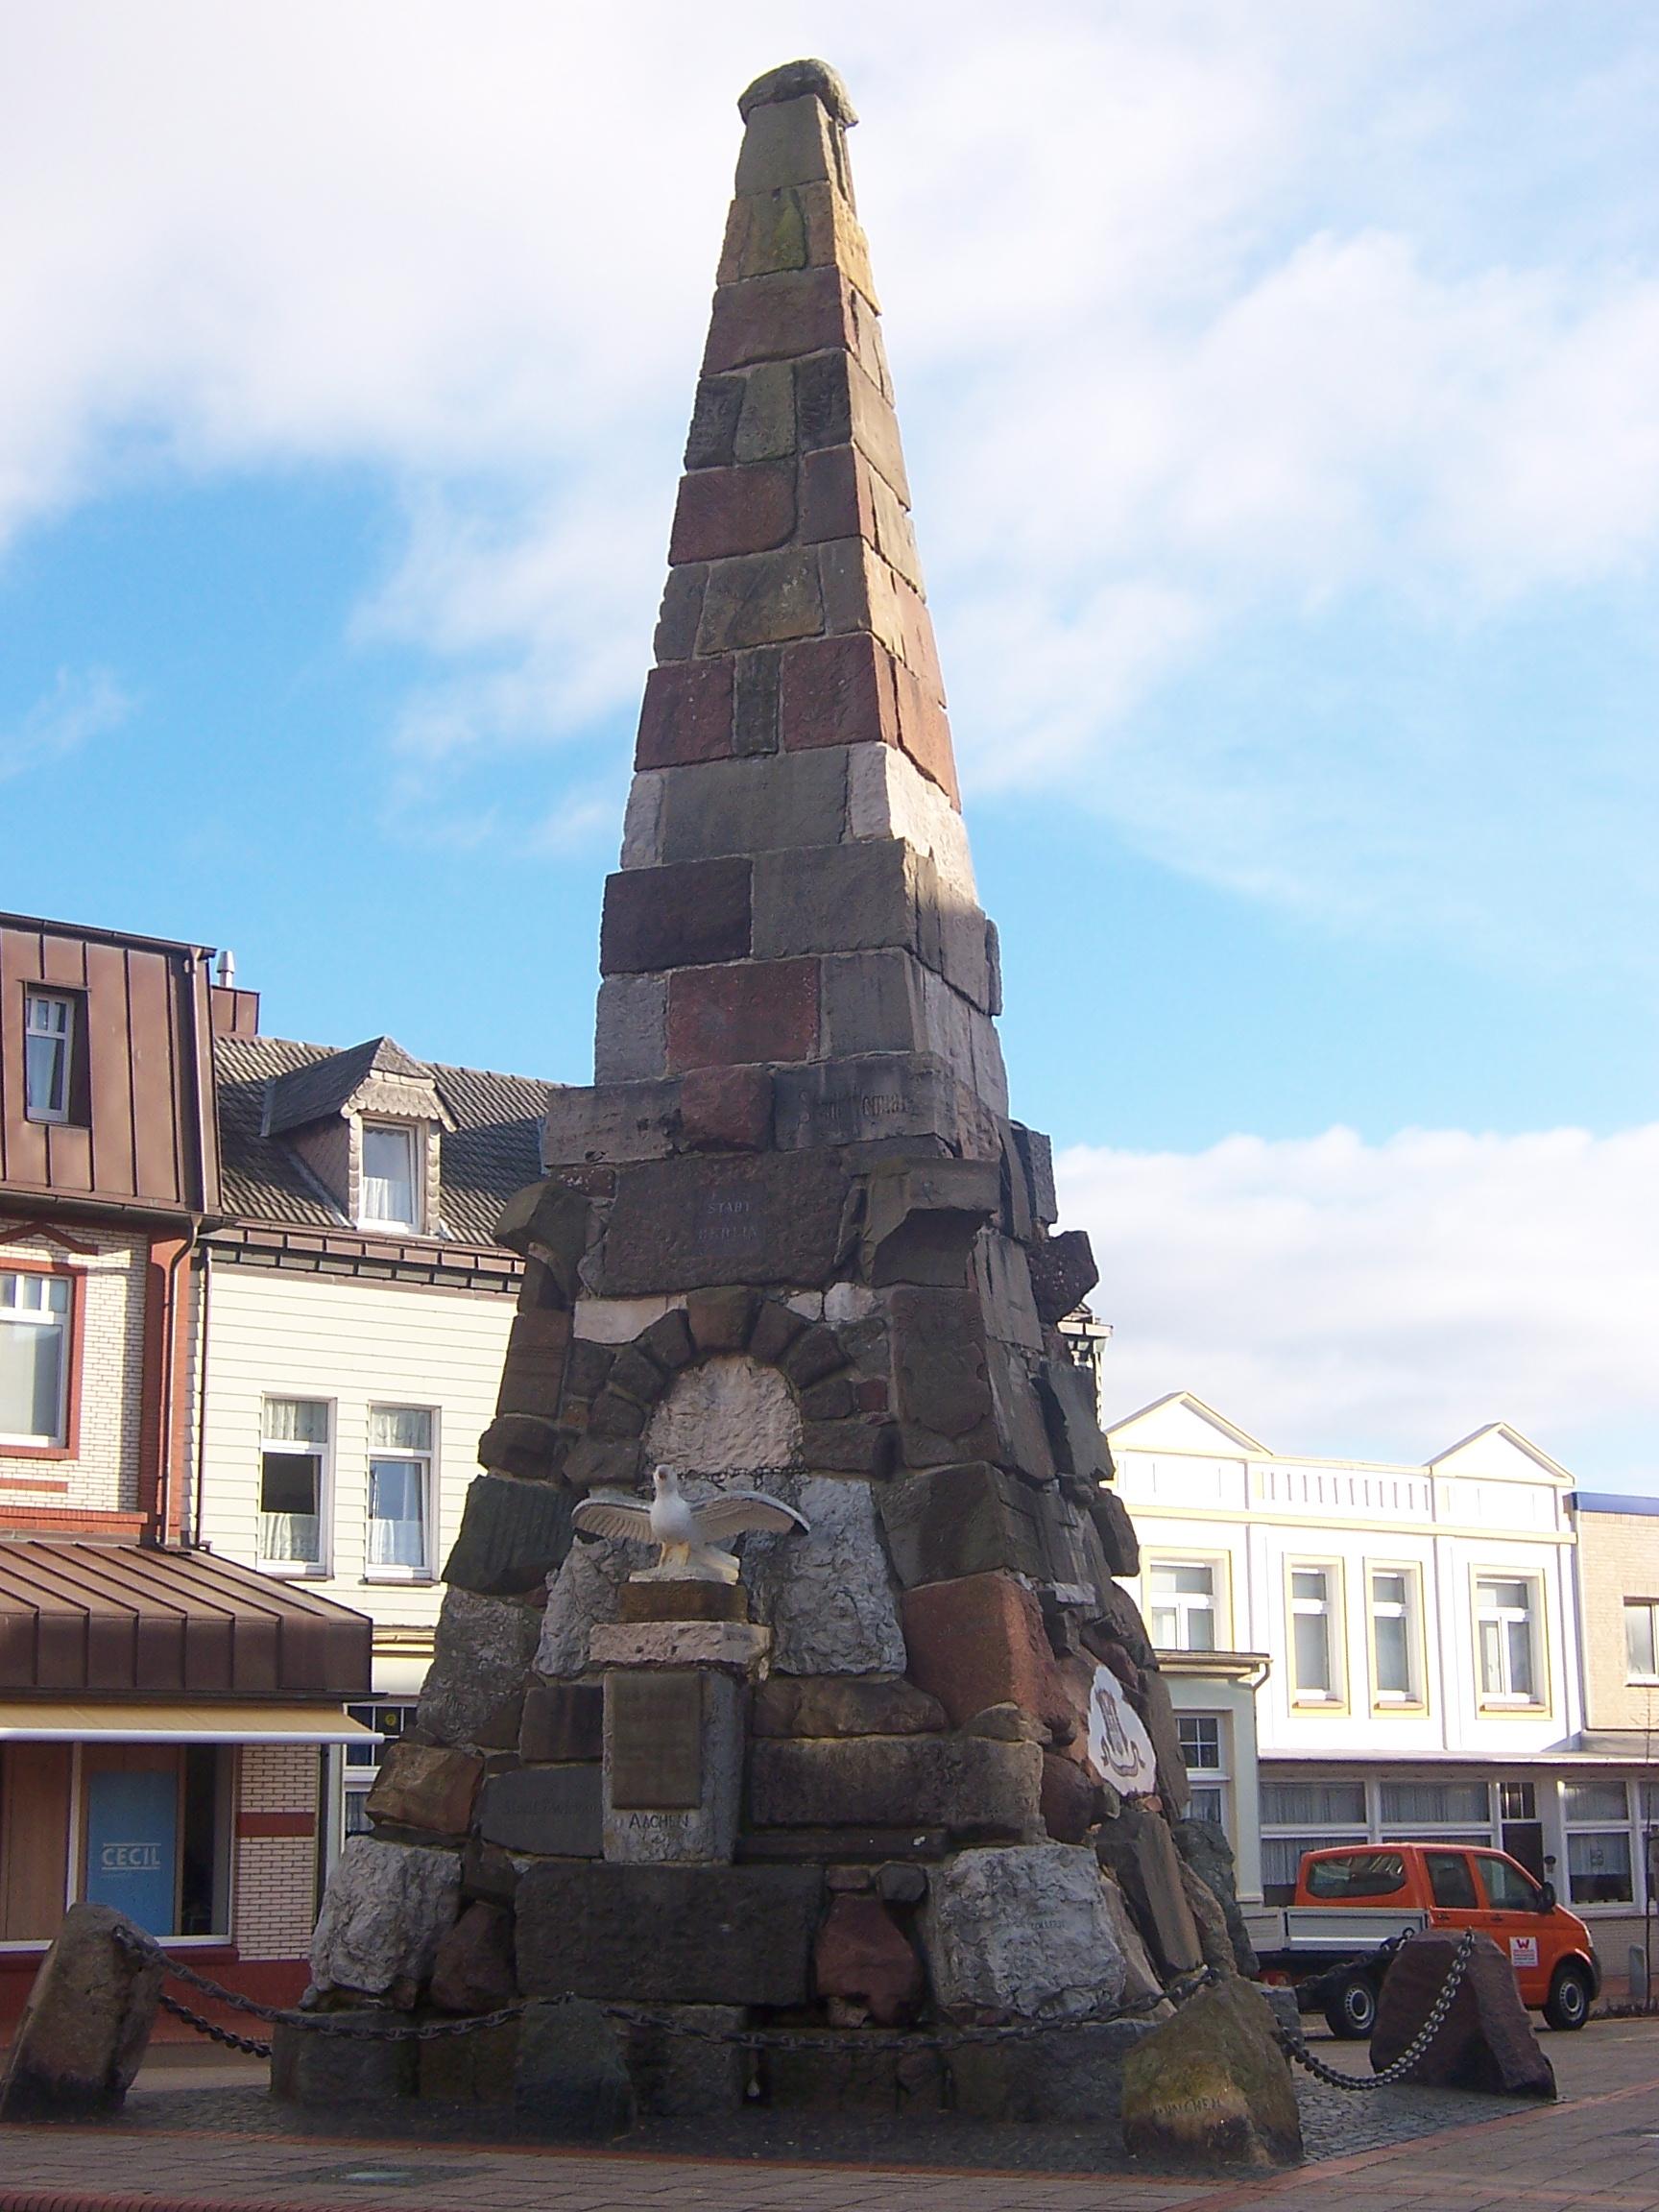 Kaiser-Wilhelm-Denkmal / Obelisk auf Norderney © M. Rüter